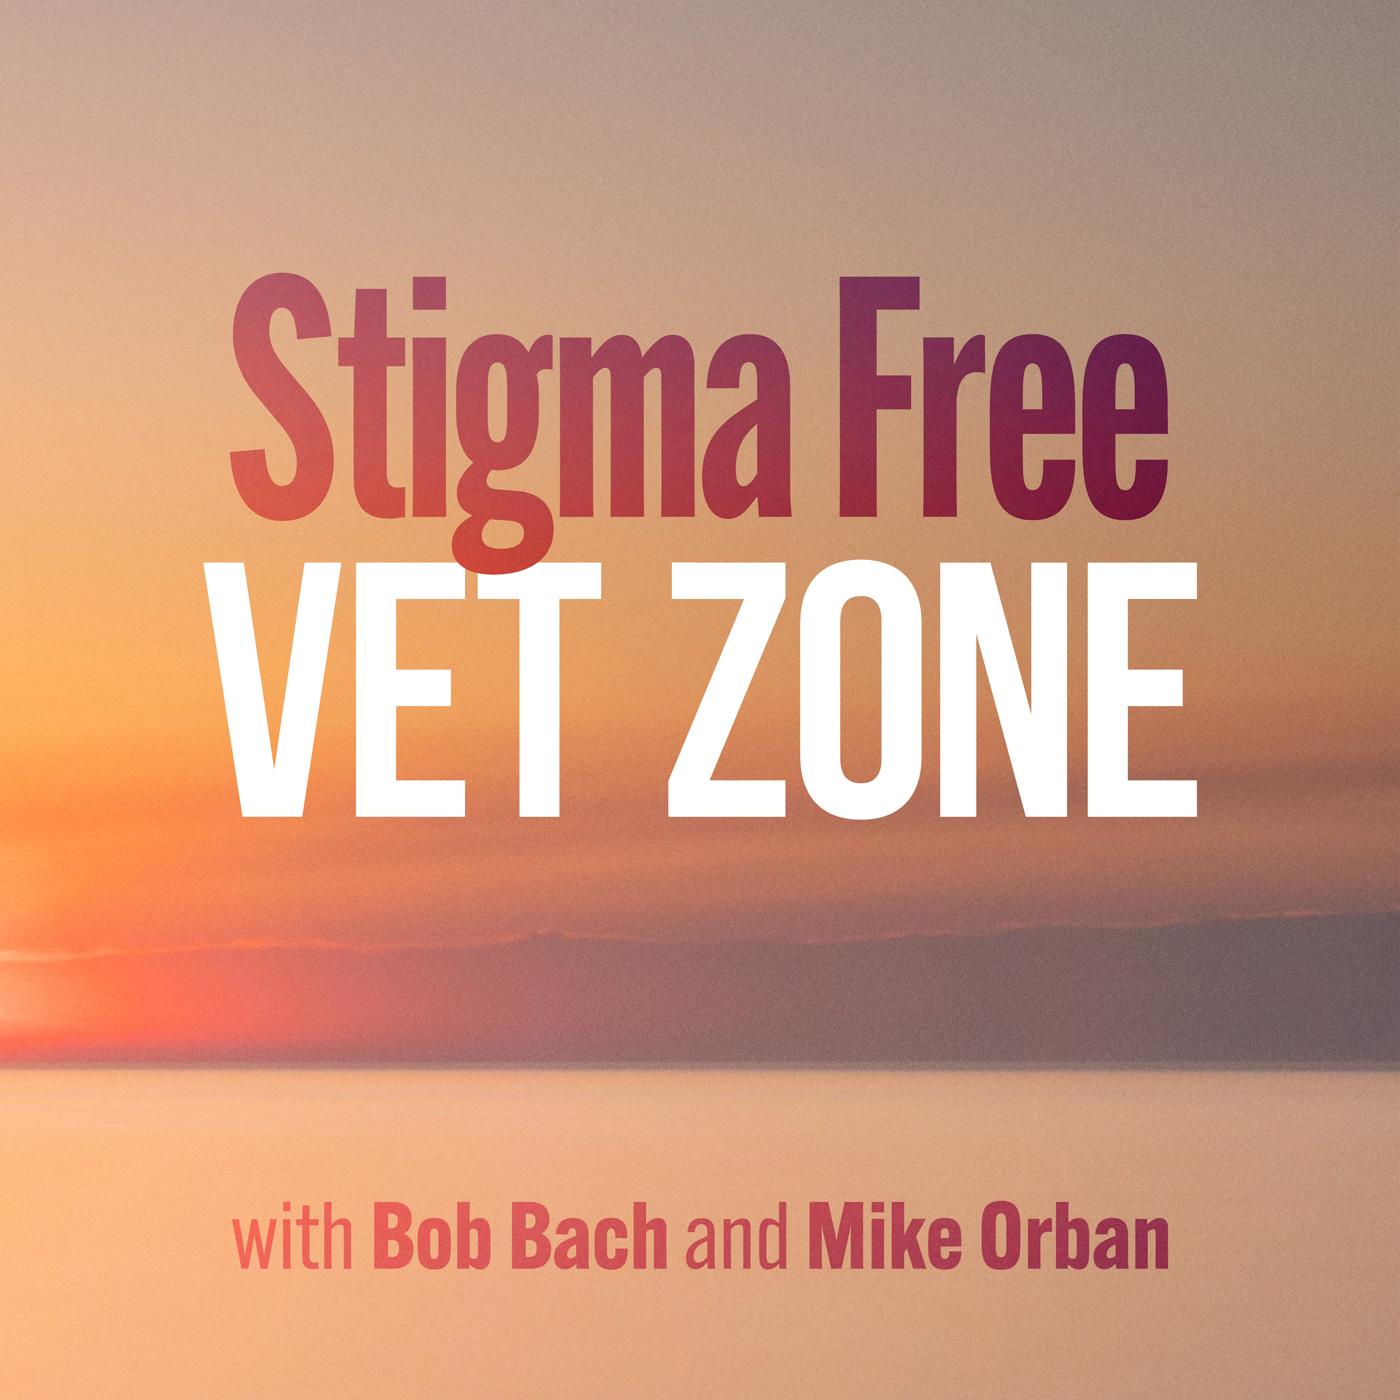 Stigma Free Vet Zone